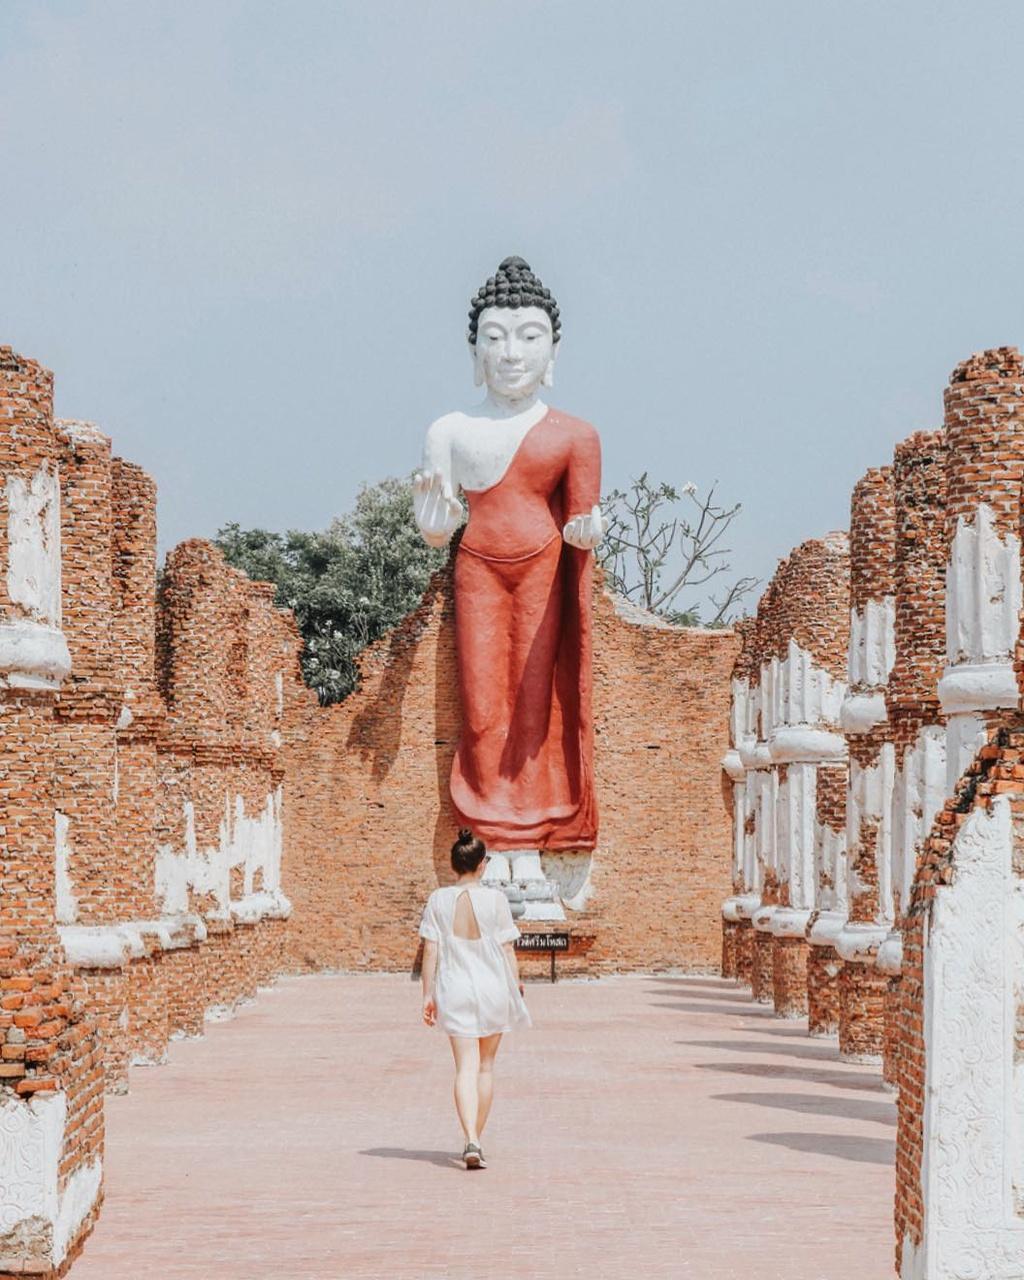 Thuy quai bao quanh ngoi den trong thanh co o Thai Lan hinh anh 8